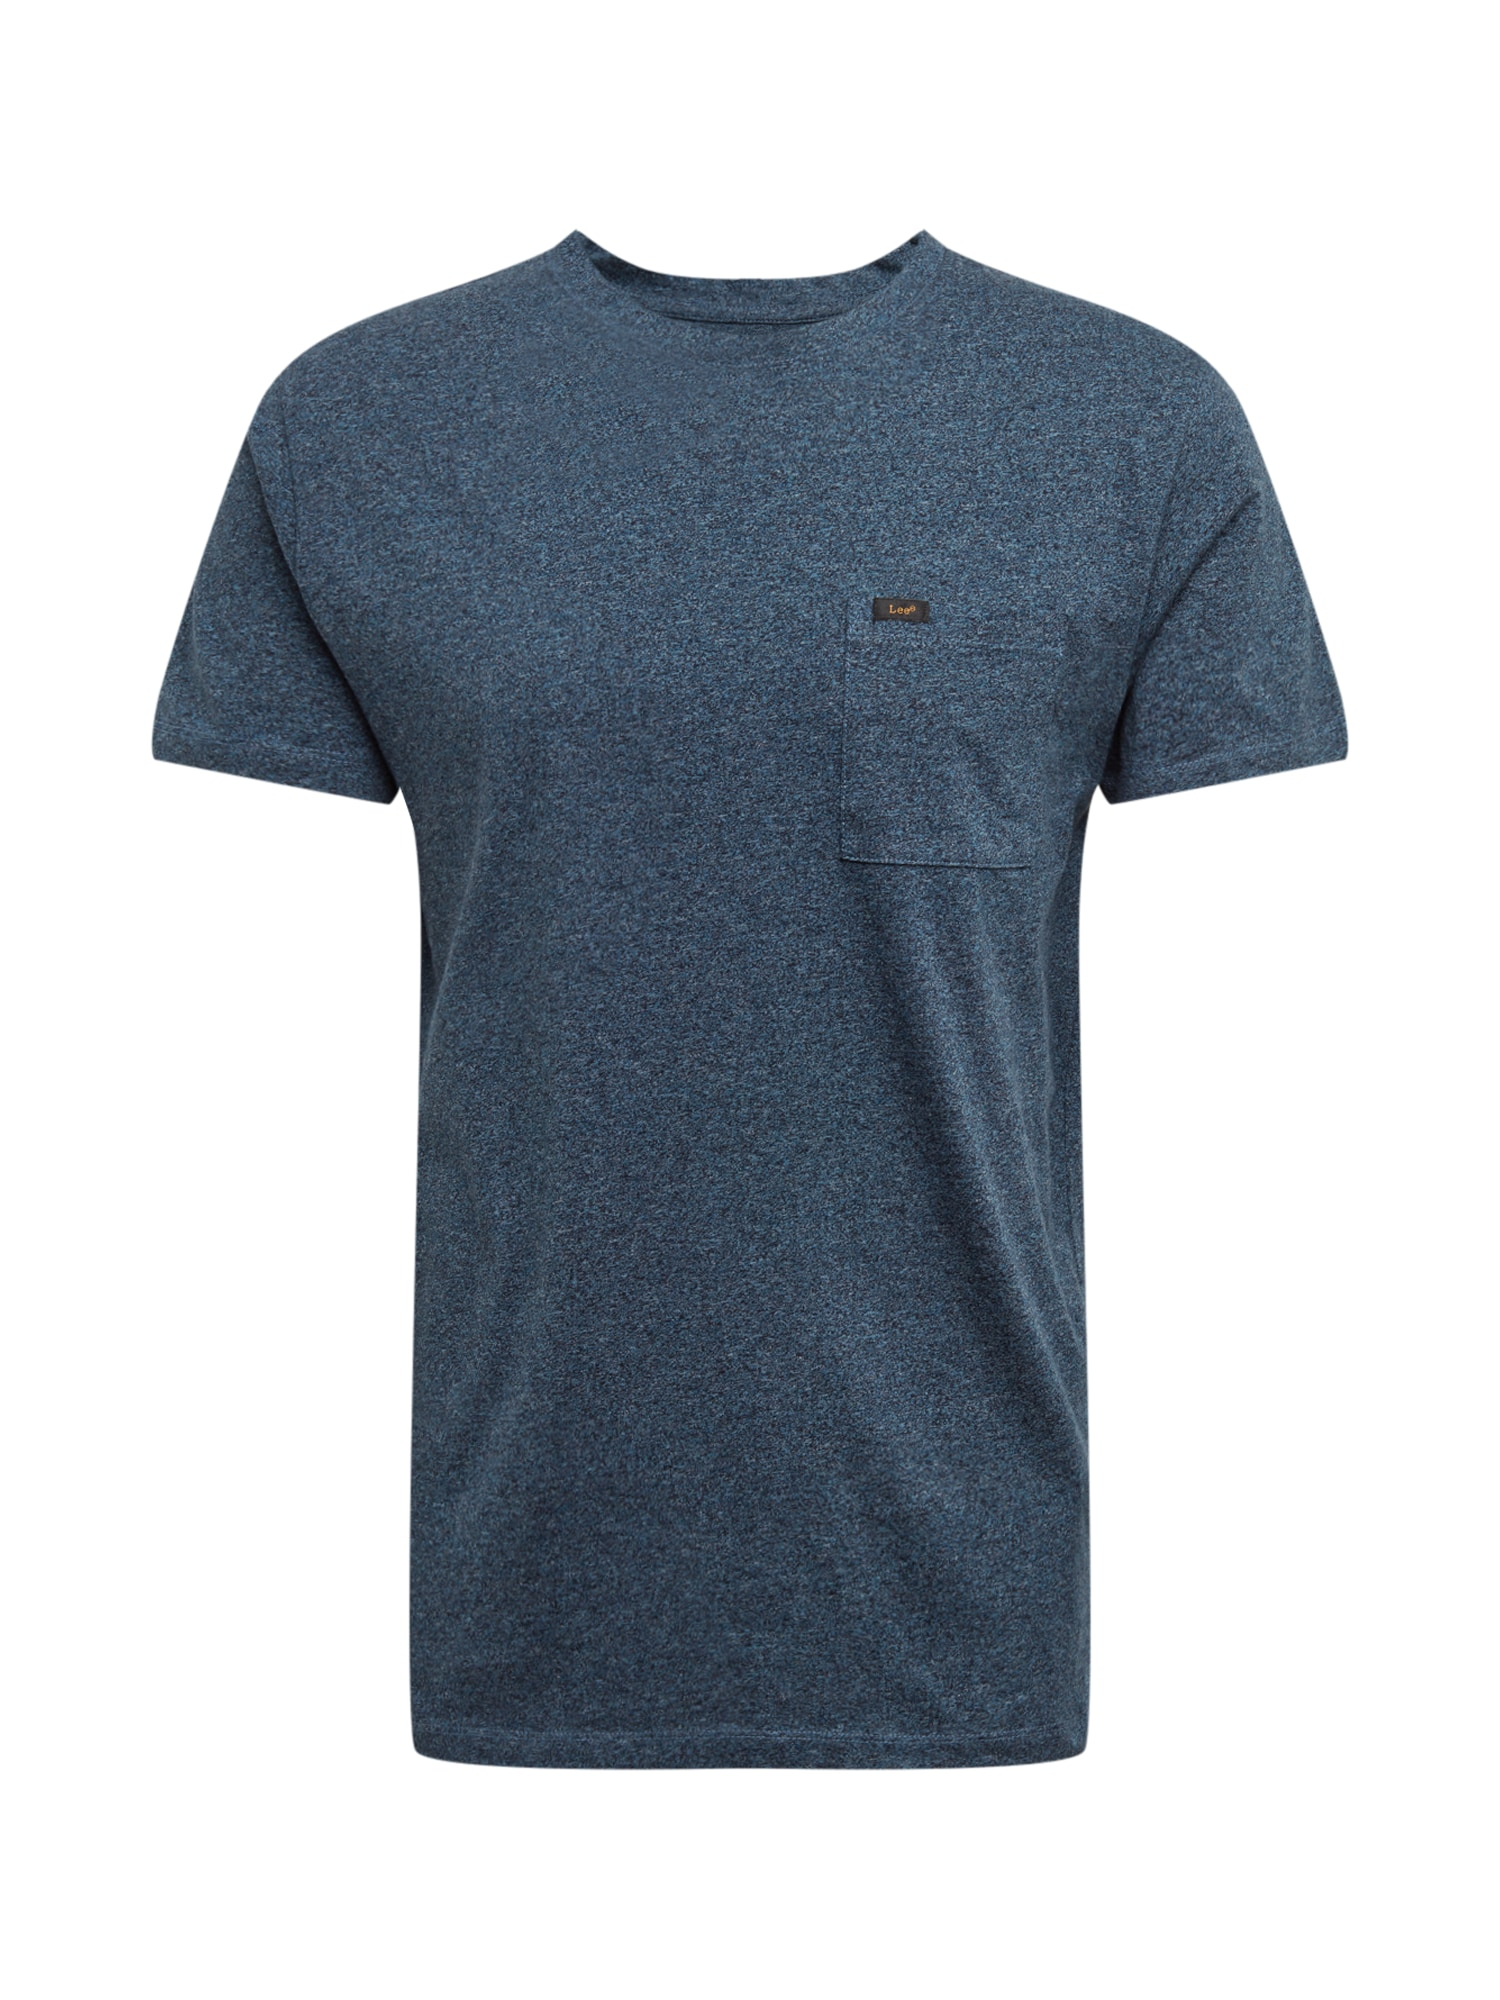 Tričko ULTIMATE Pocket modrá Lee